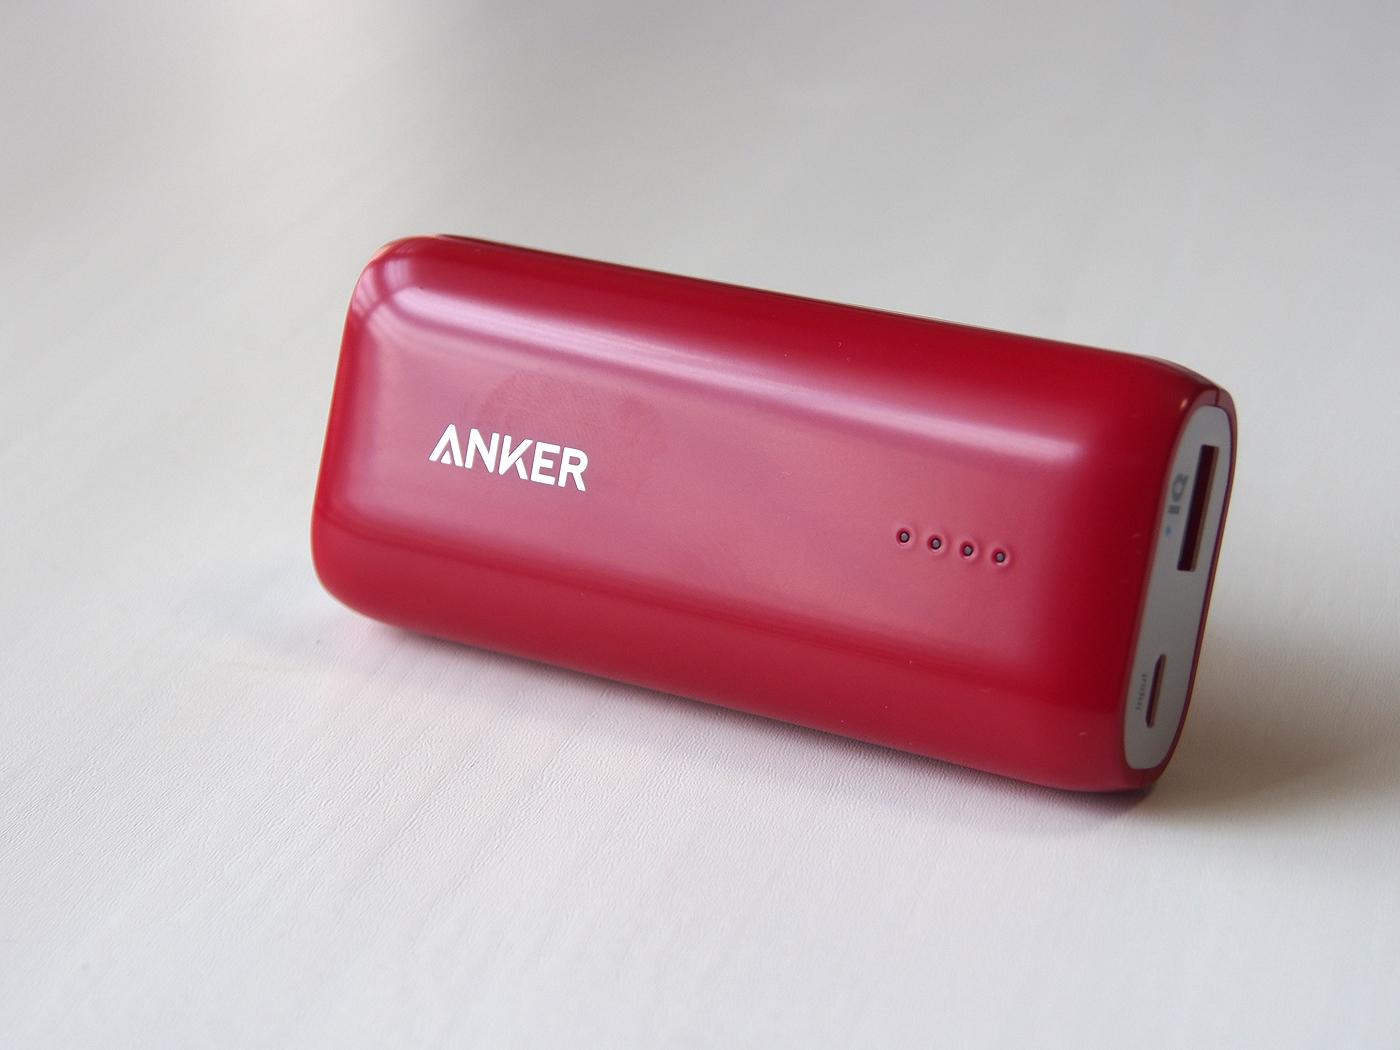 アンカー、モバイルバッテリー、アストロ e1